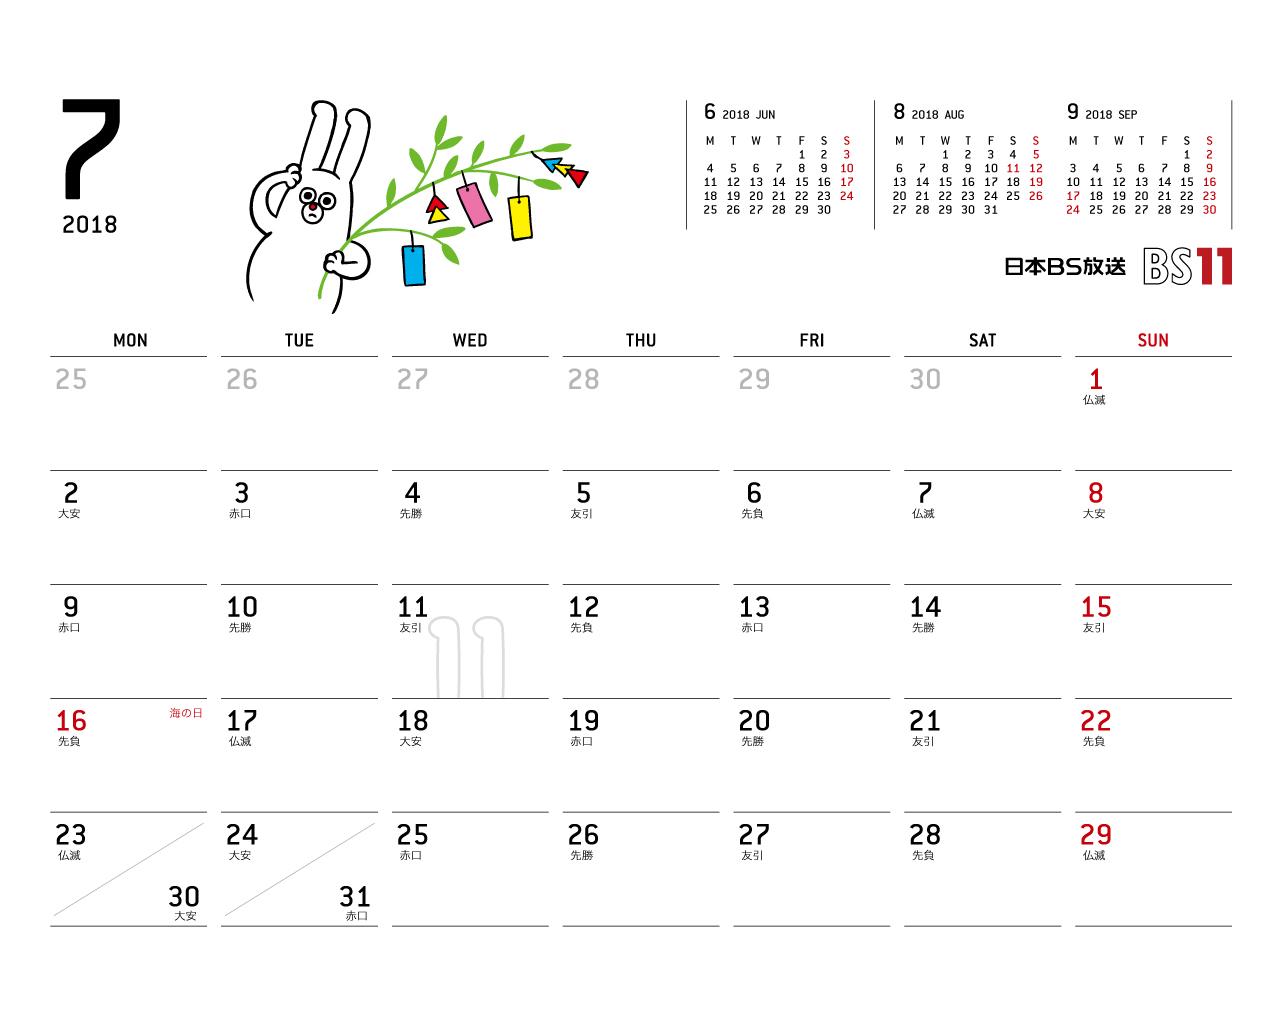 デジタルカレンダー 2018年7月